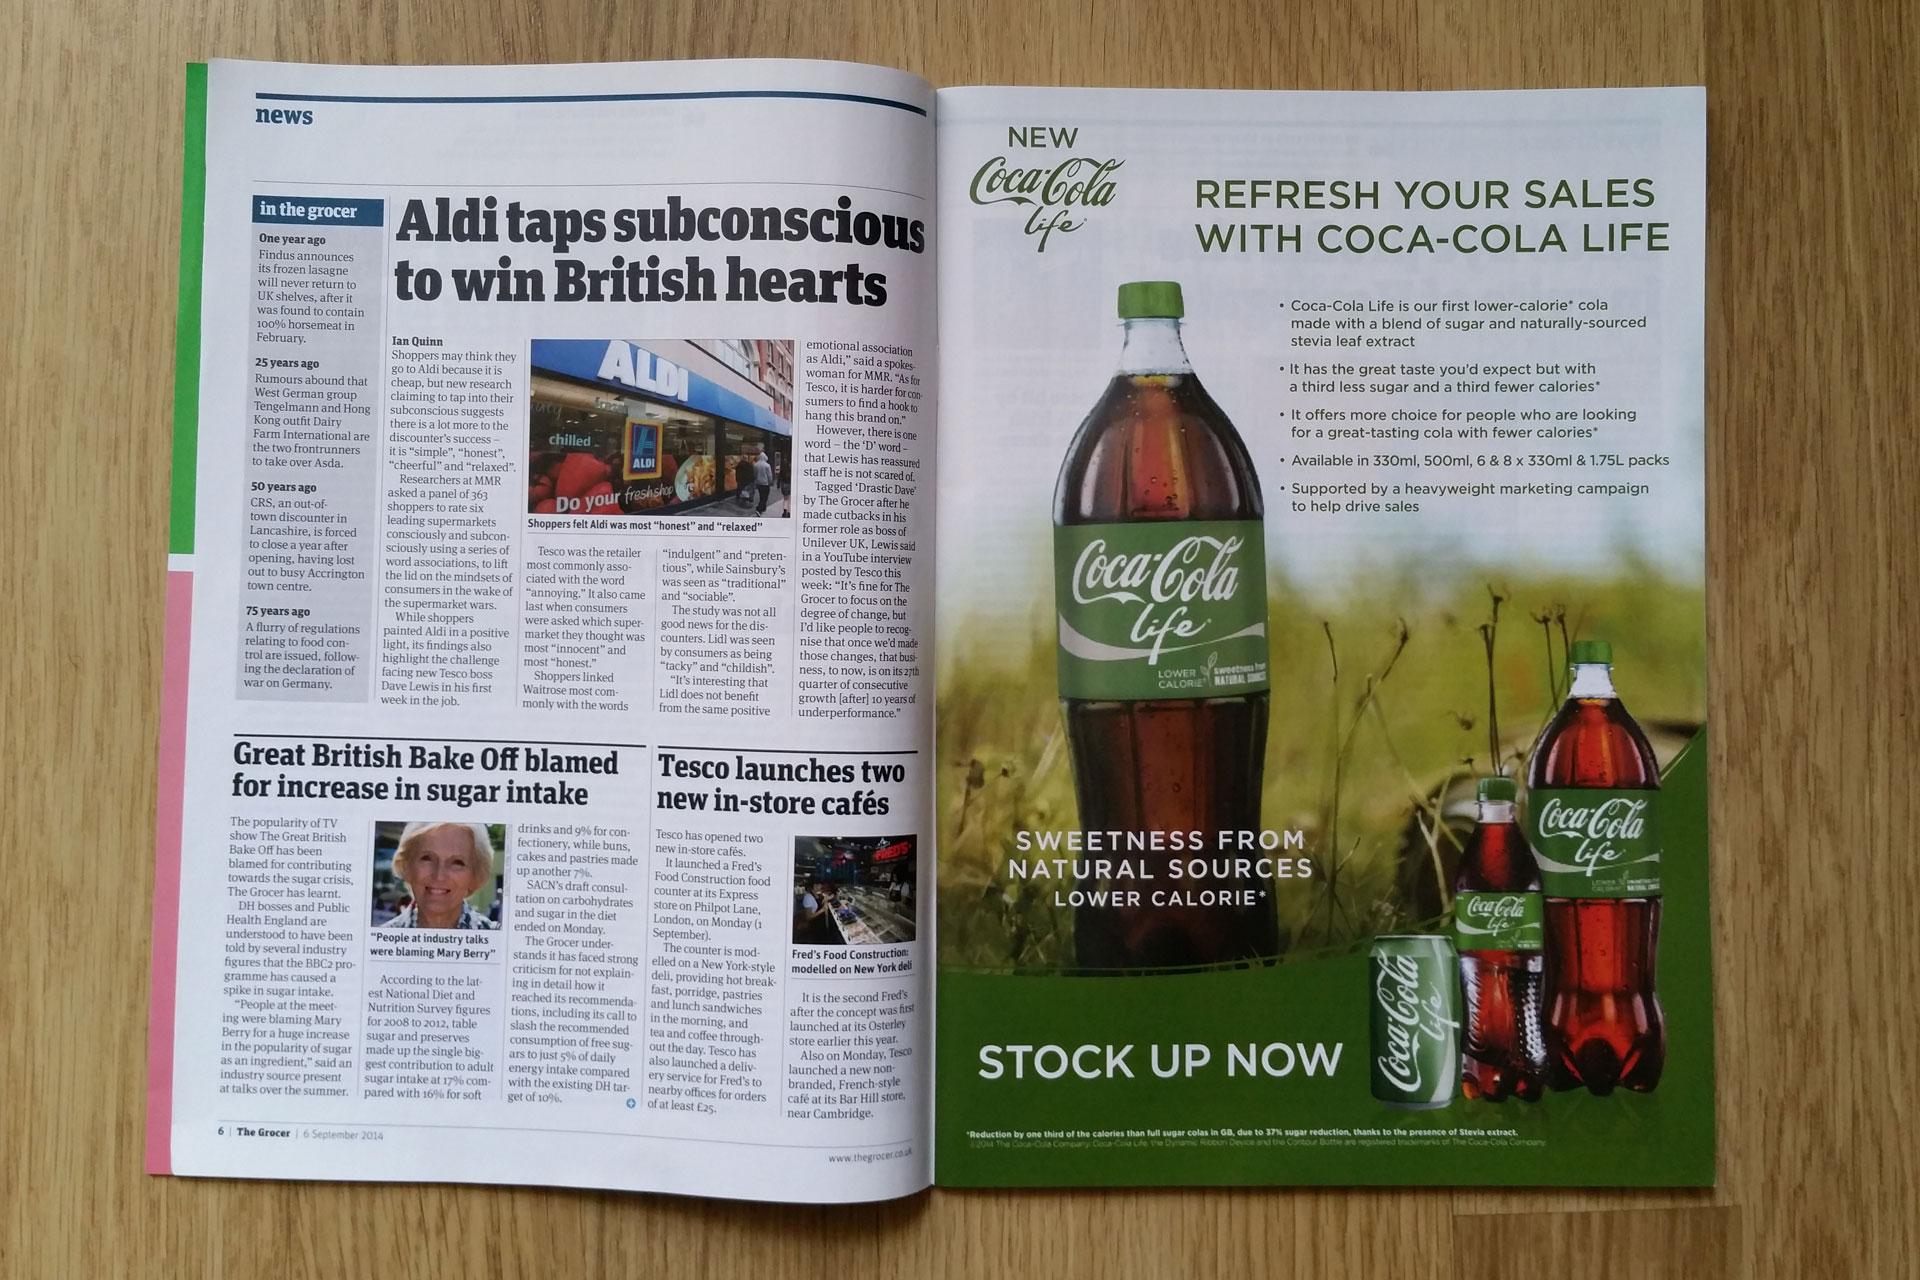 grocer-cola-lite